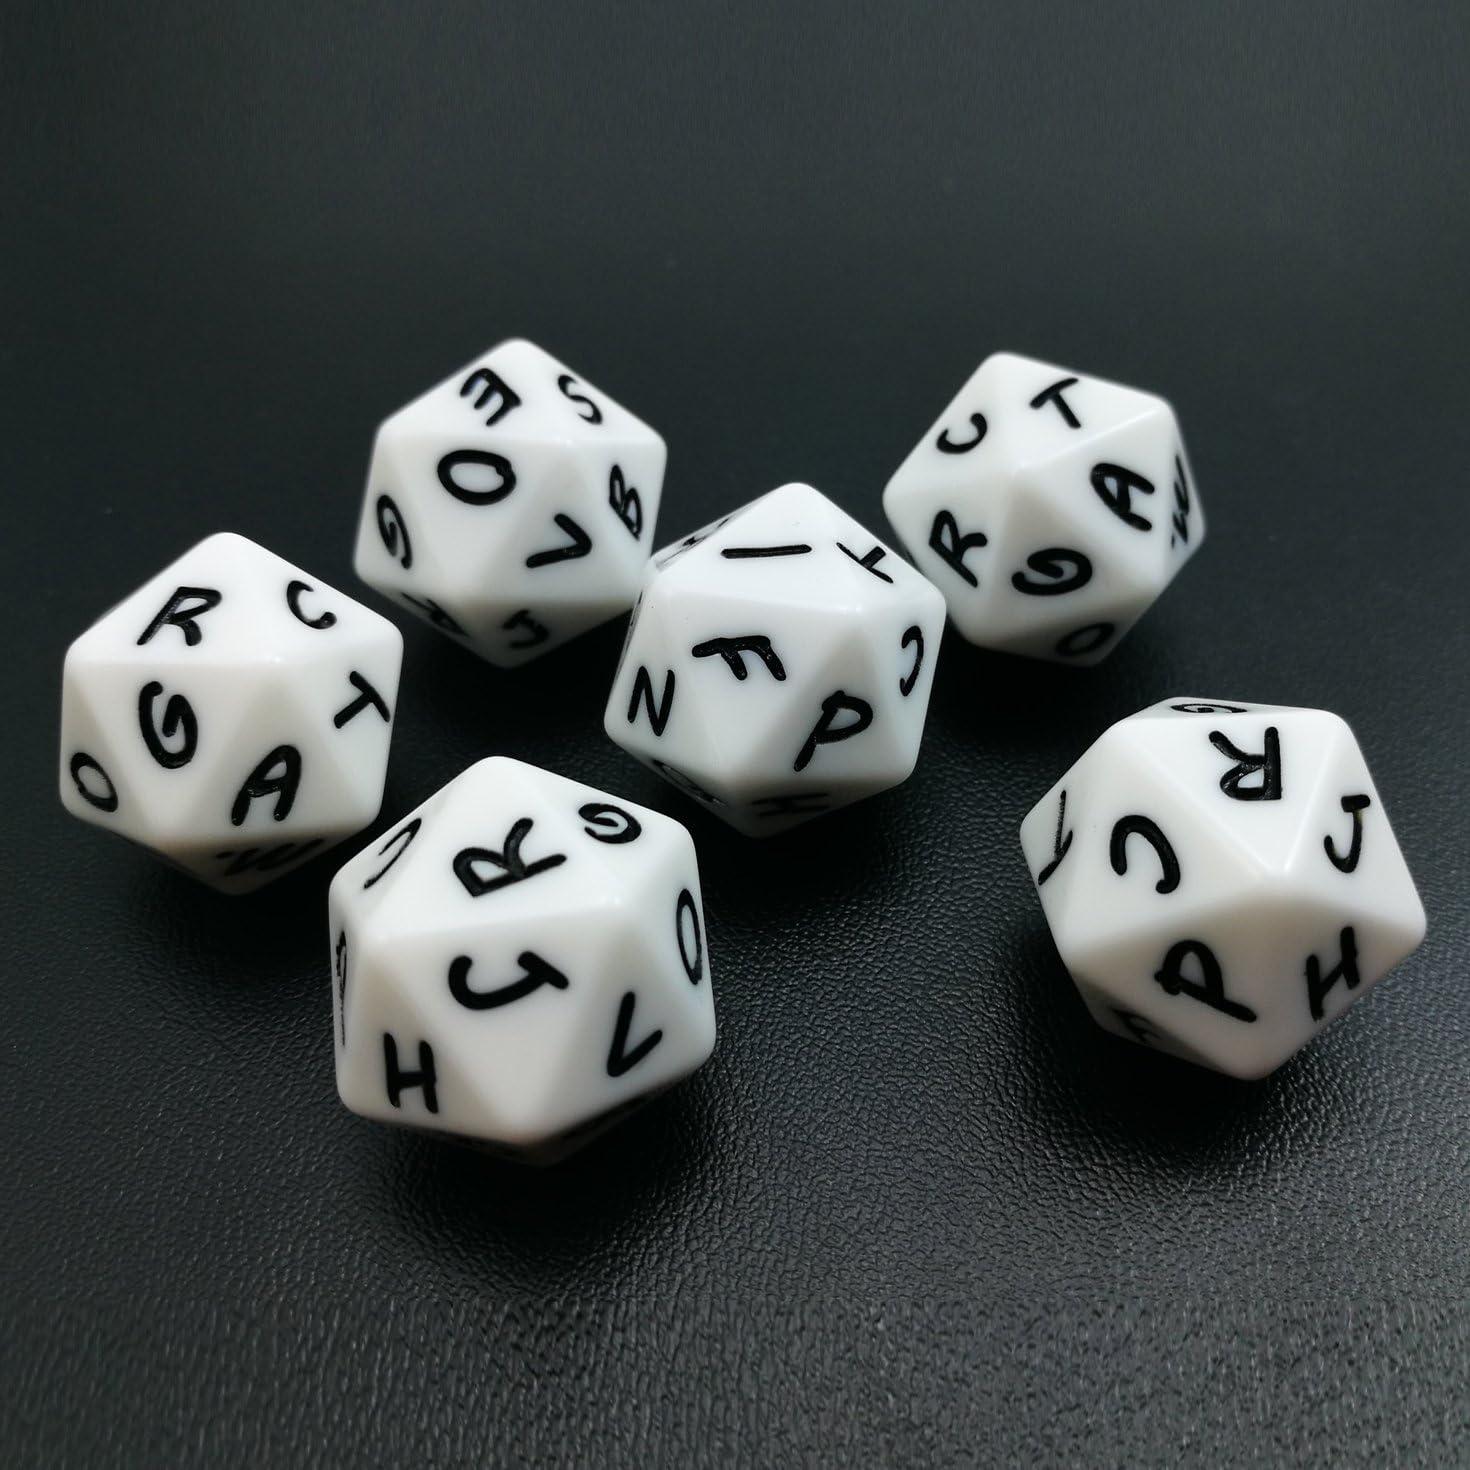 Bescon - Dados de alfabeto de 20 caras A-T mayúsculas, 20 caras, juego de 3 piezas: Amazon.es: Juguetes y juegos